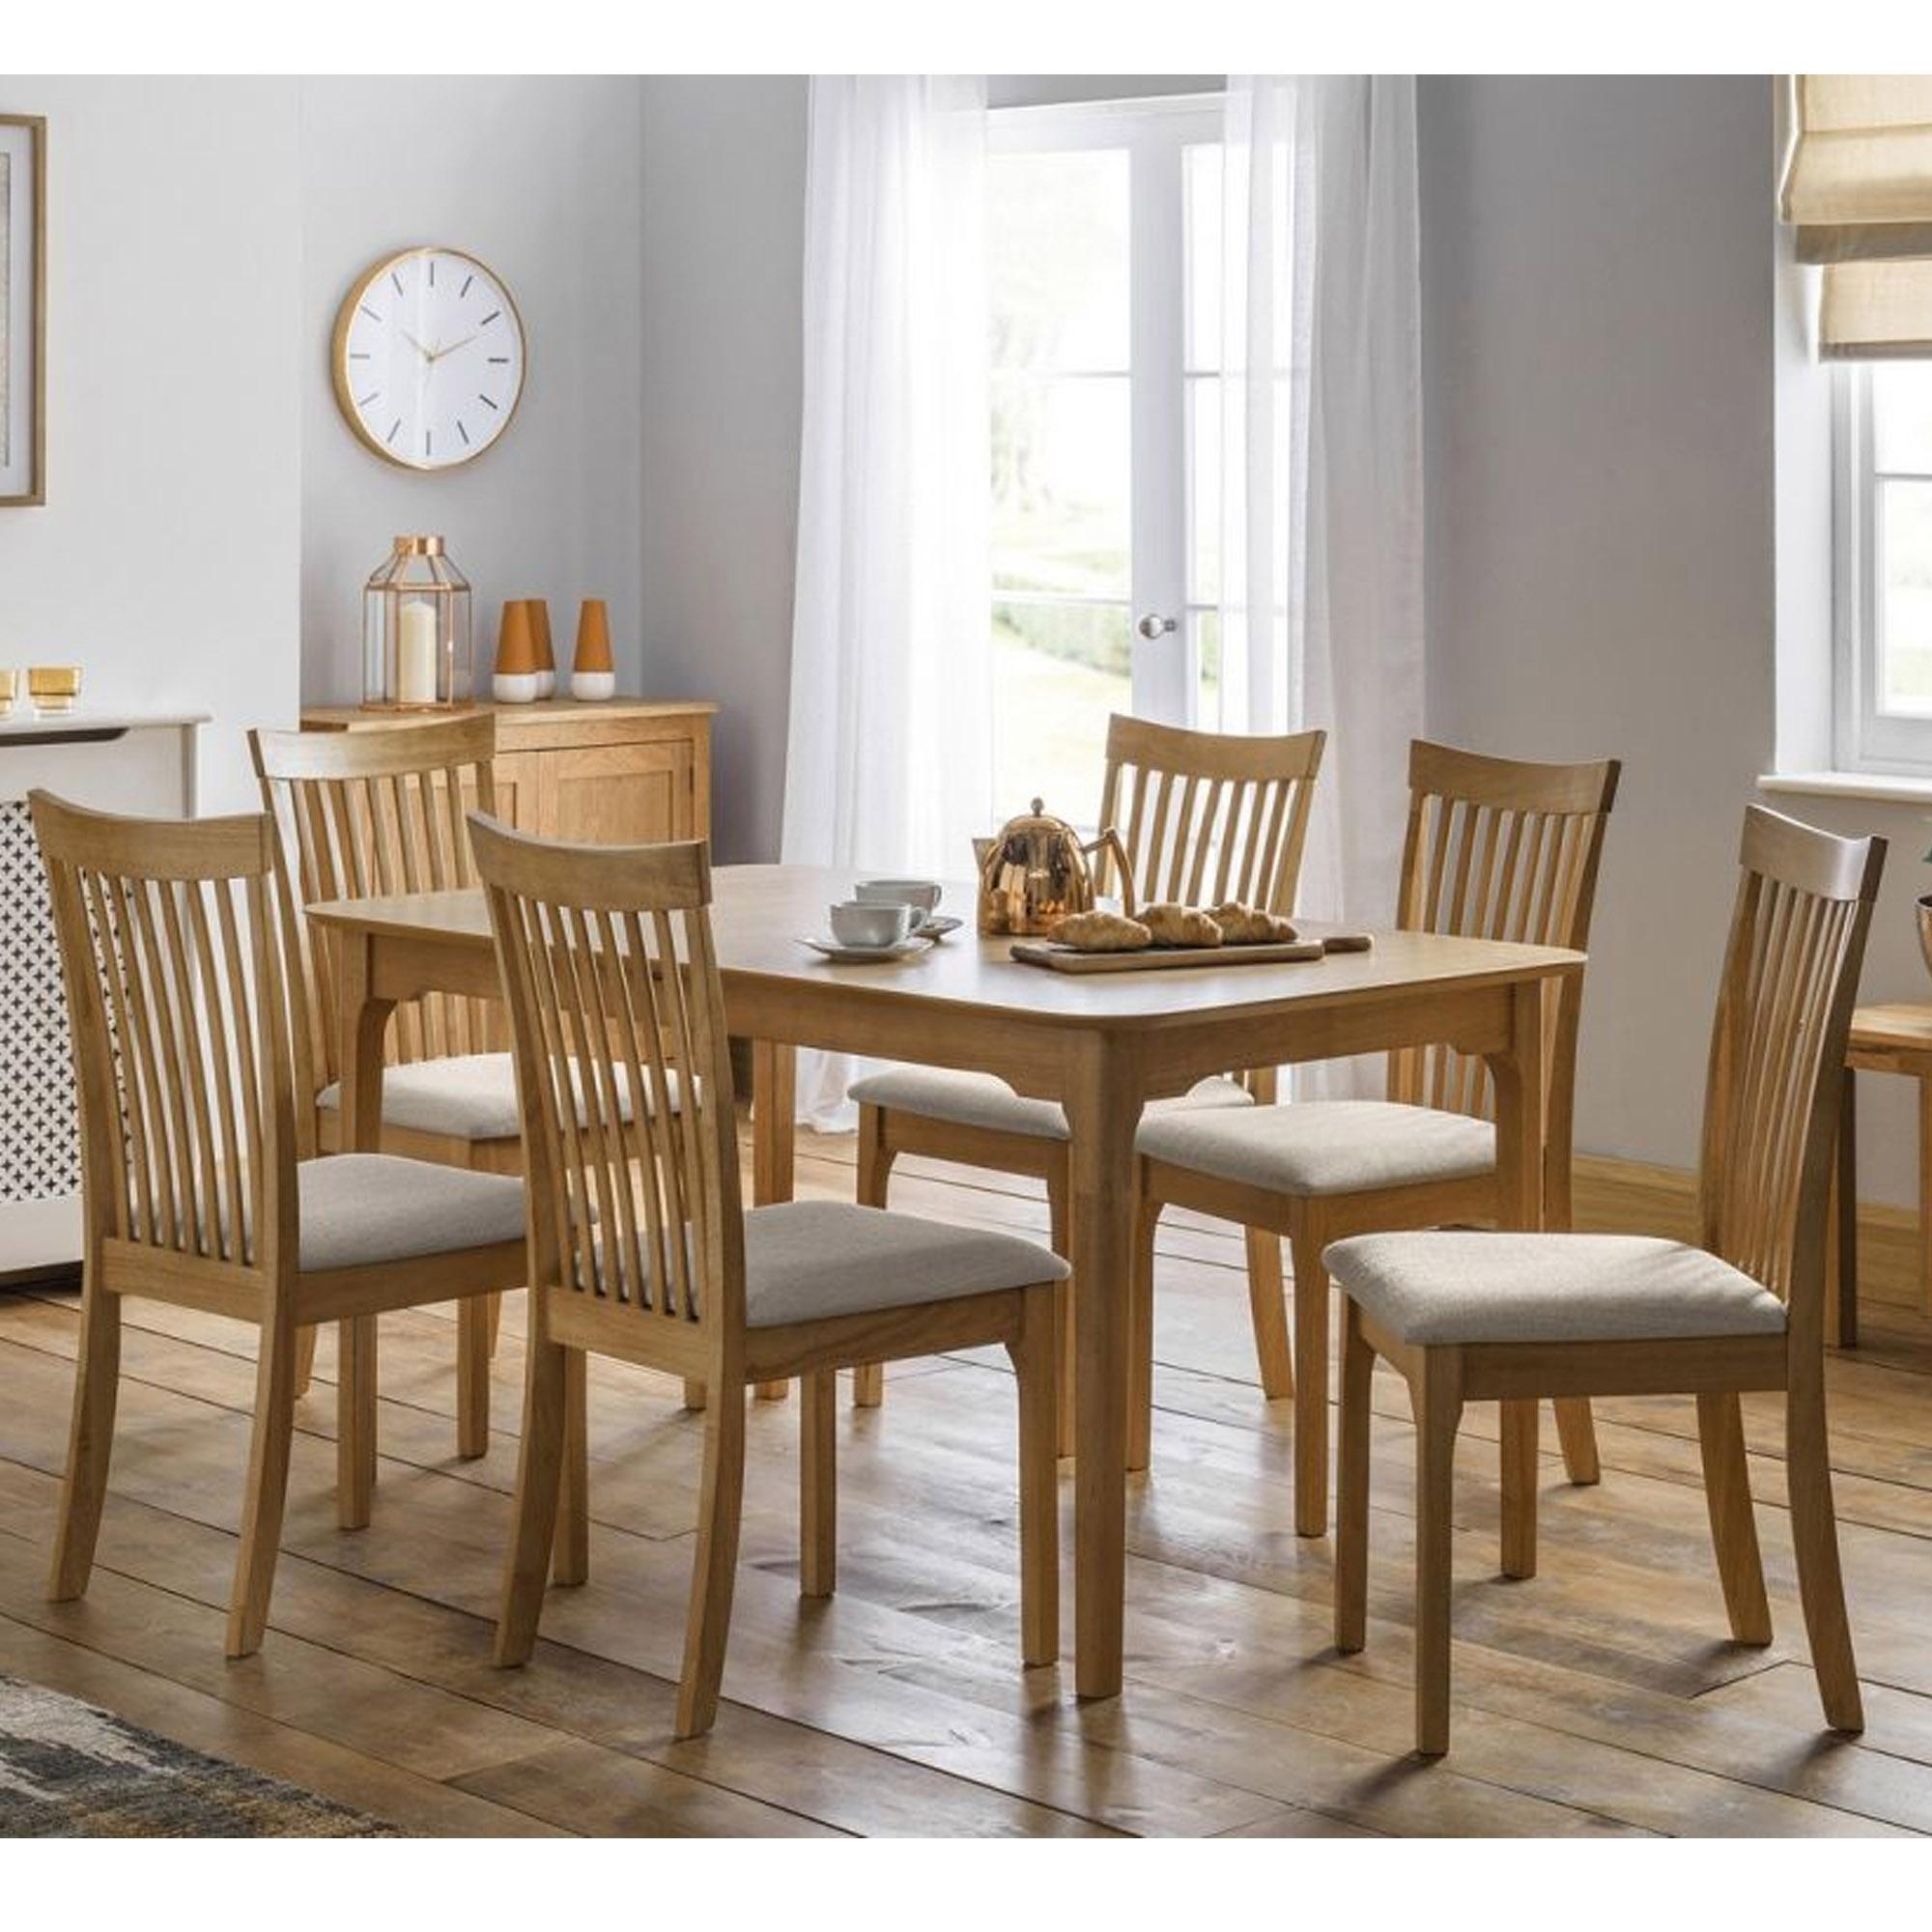 Ibsen extending oak dining set modern dining furniture